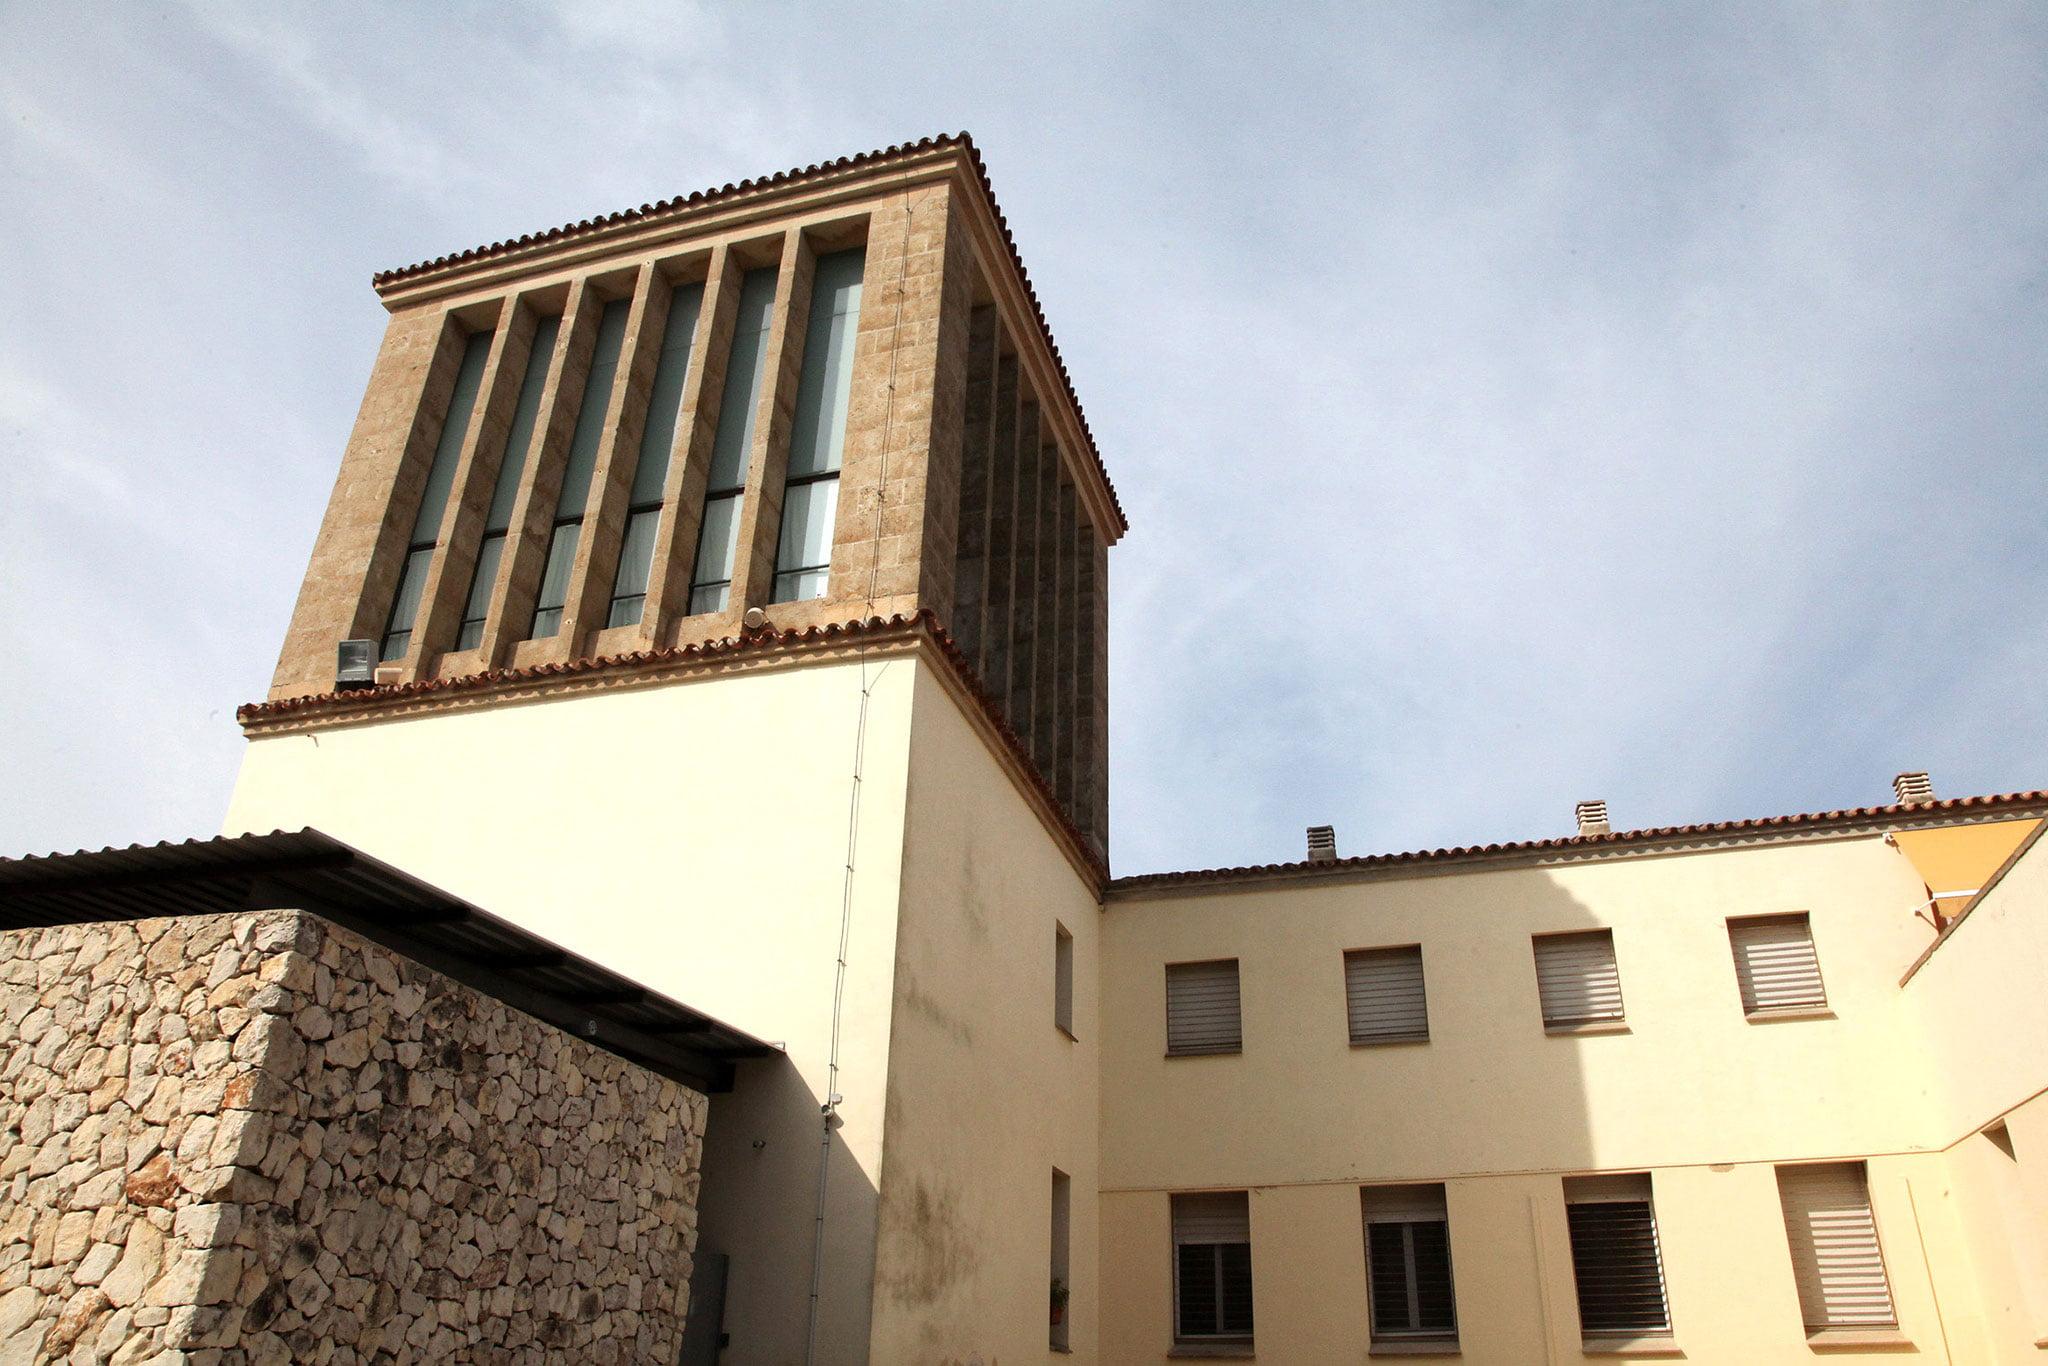 Torre campanario del Monestir de la Plana de Xàbia